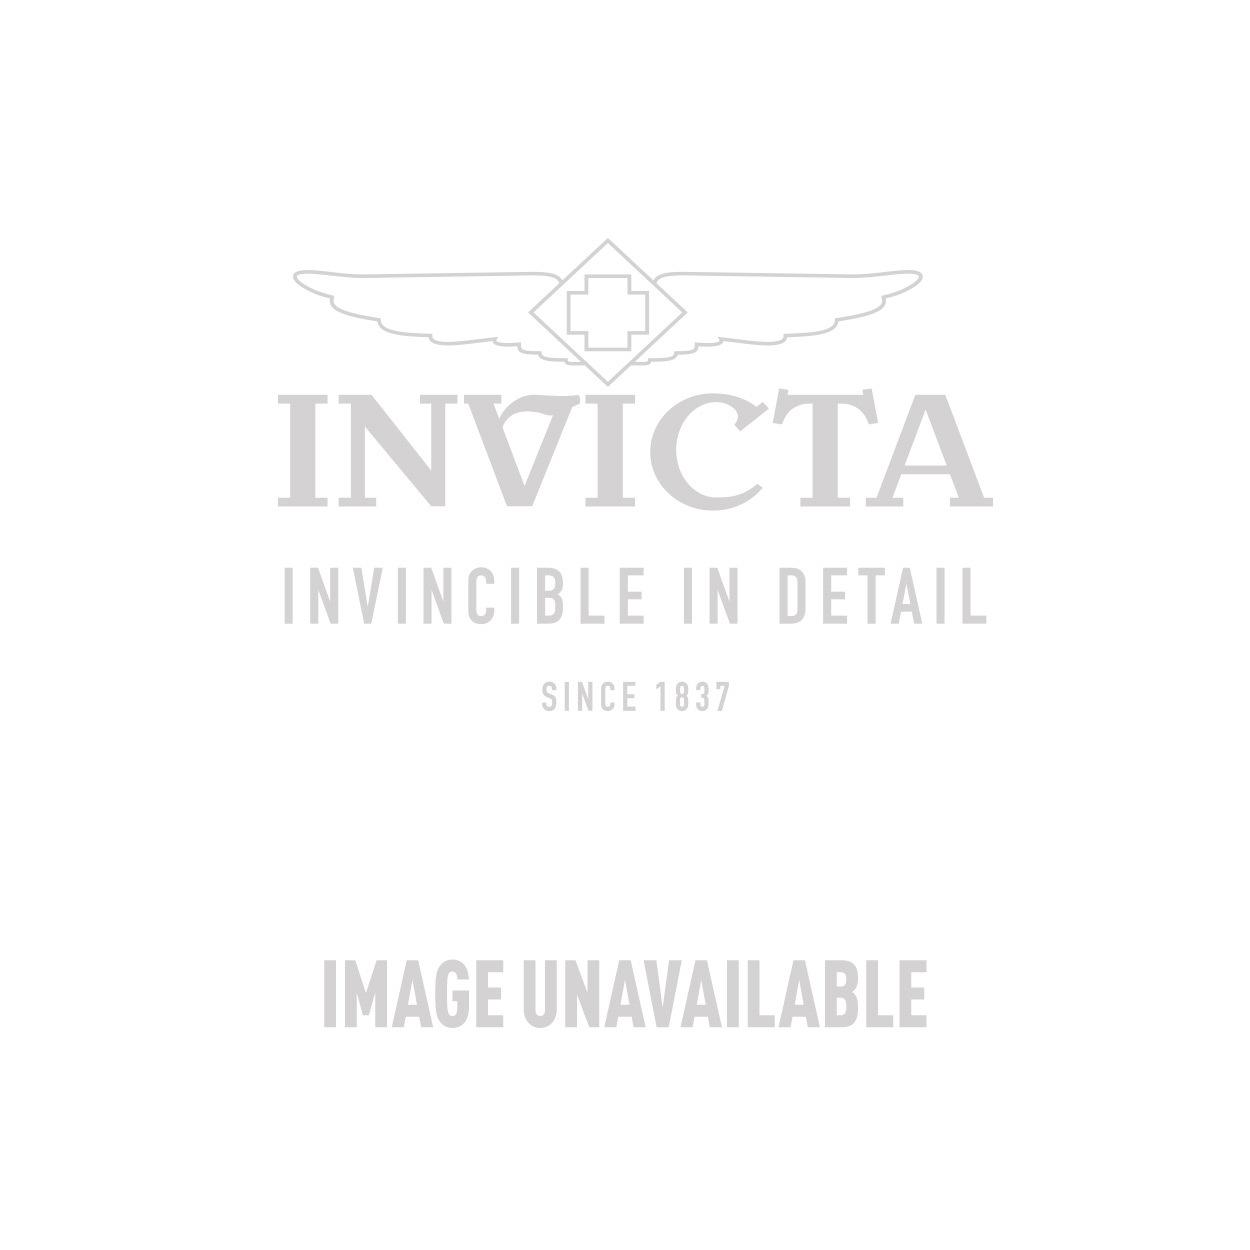 Invicta Model 29164